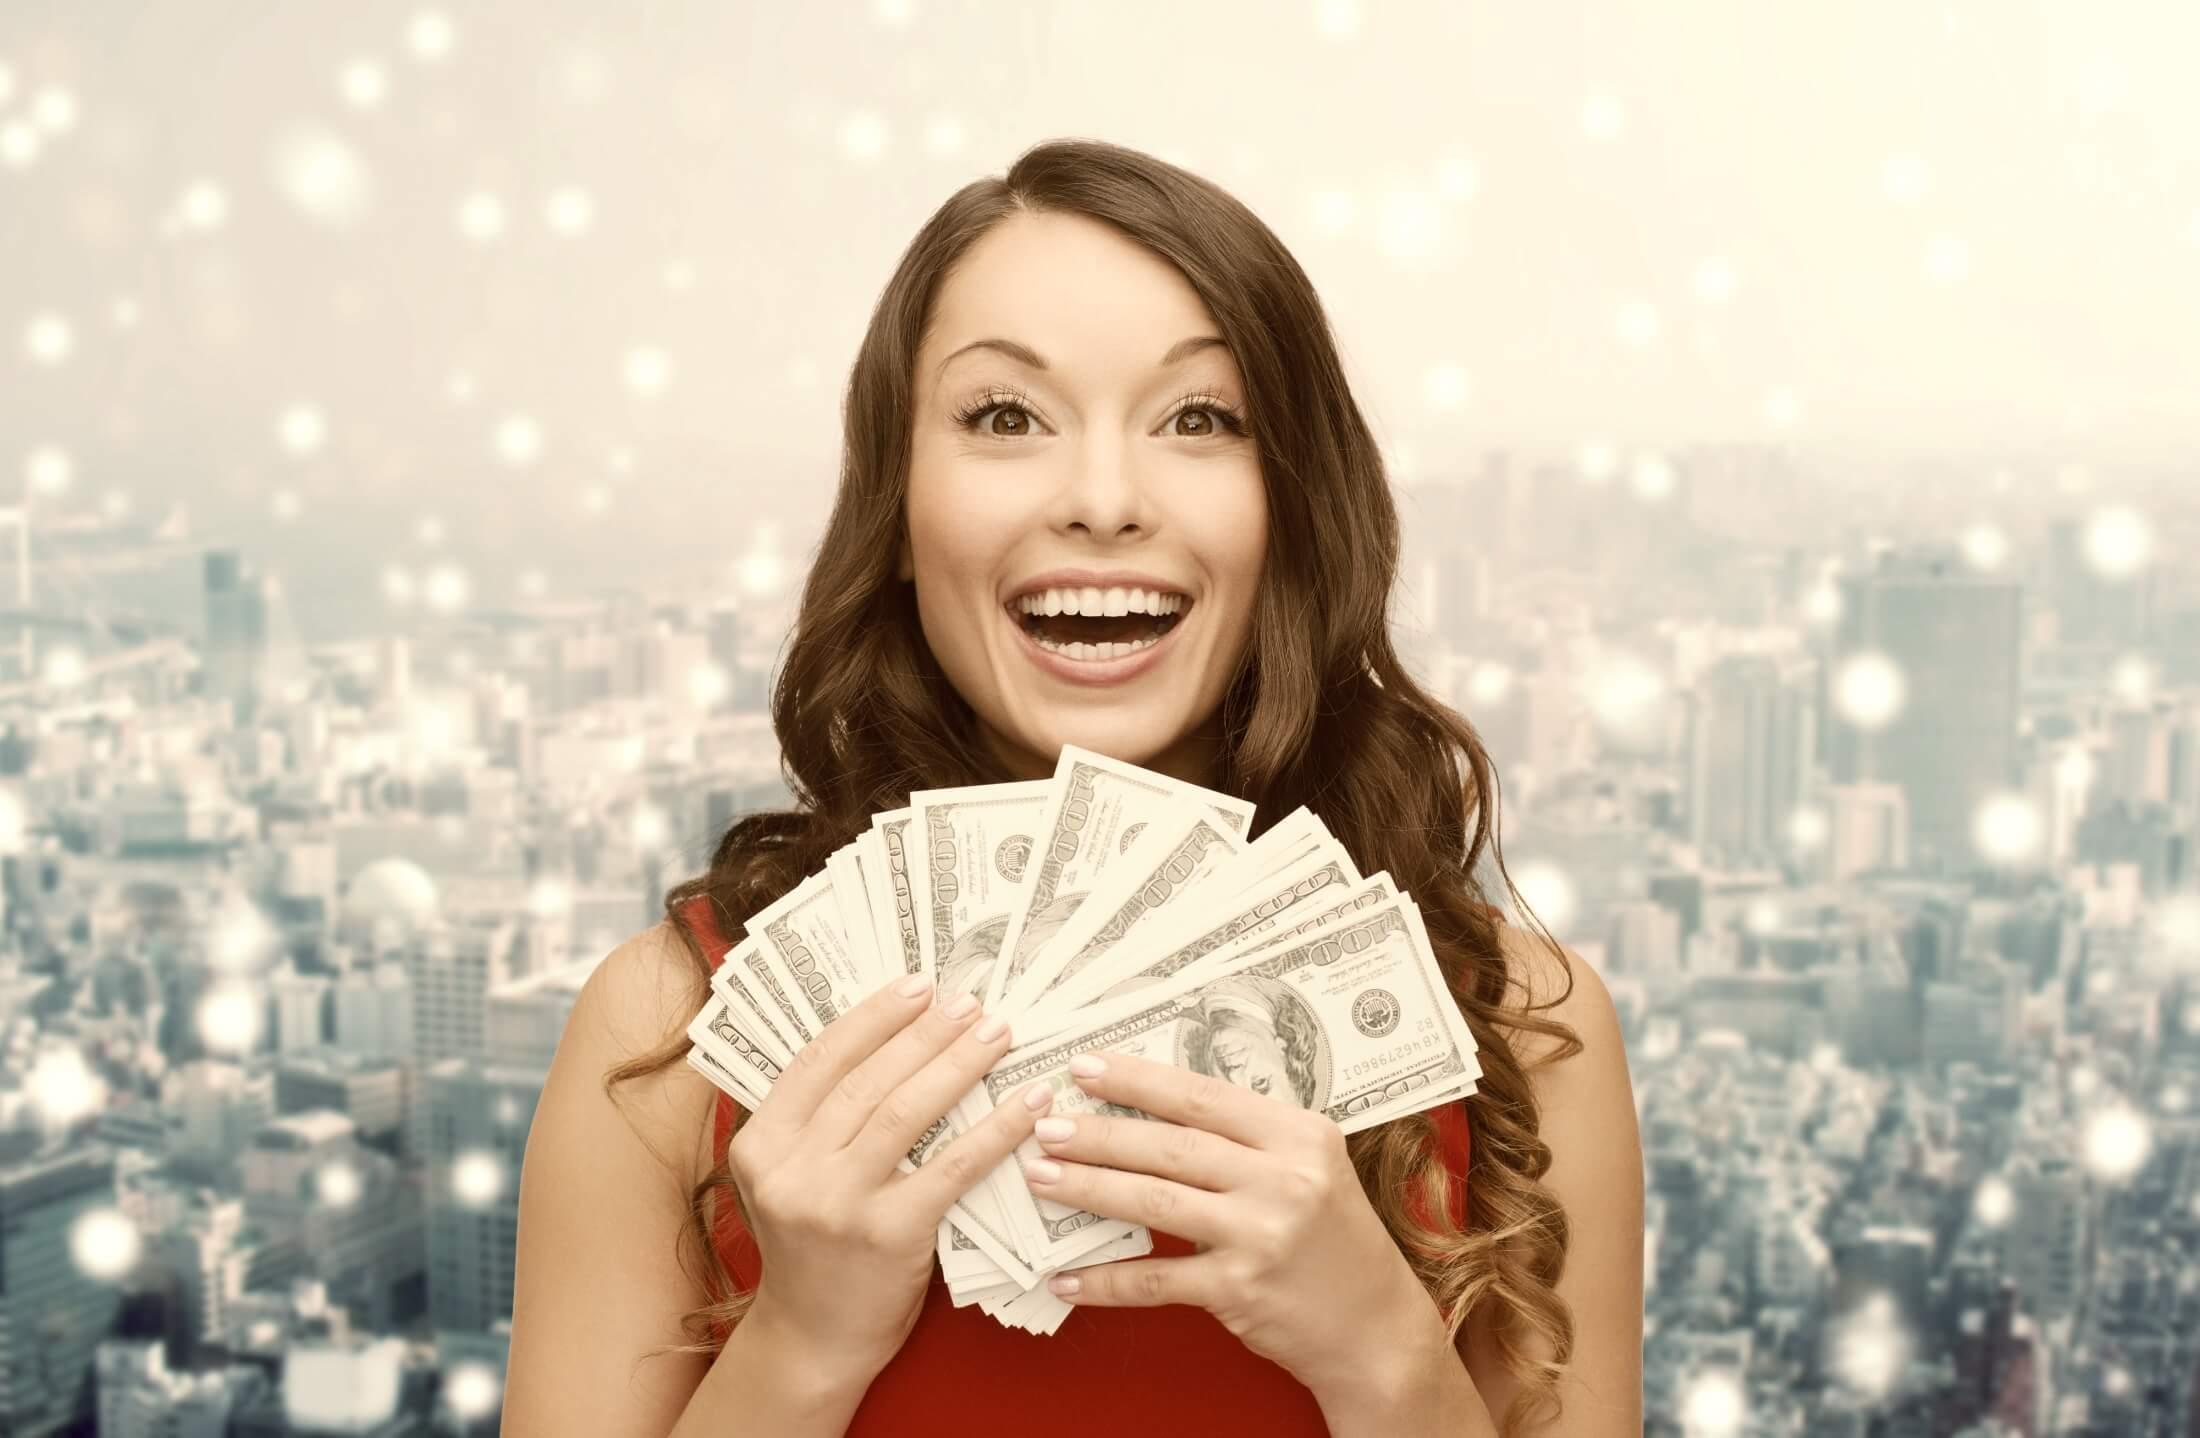 художественной фото людей с деньгами в руках запрос кавычки